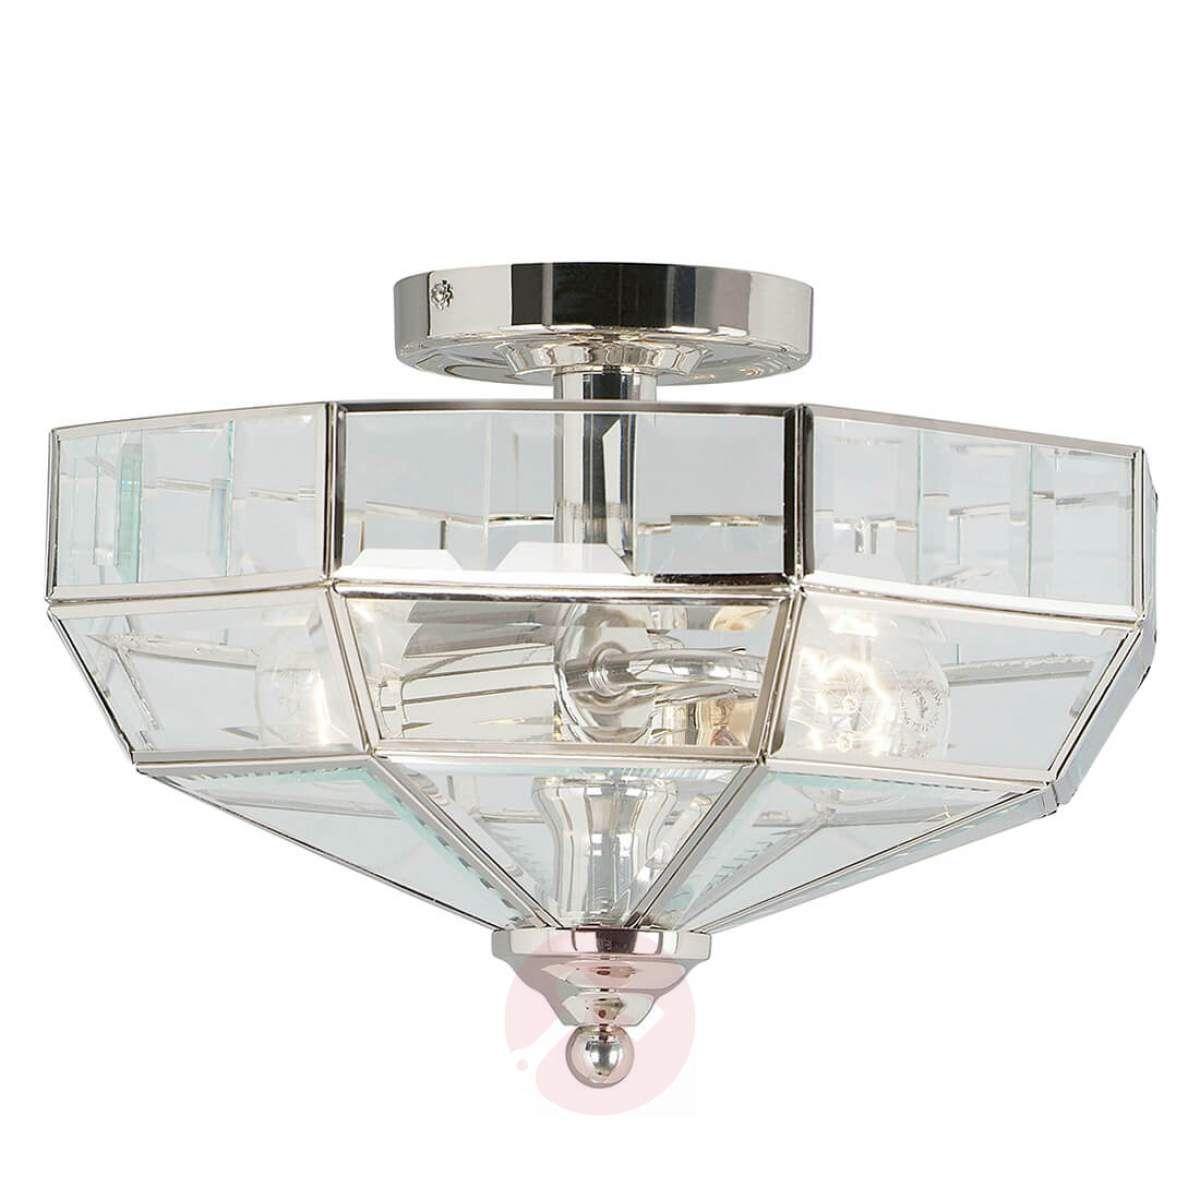 Old Park Lampa Sufitowa Z Dystansem Lampy Sufitowe W